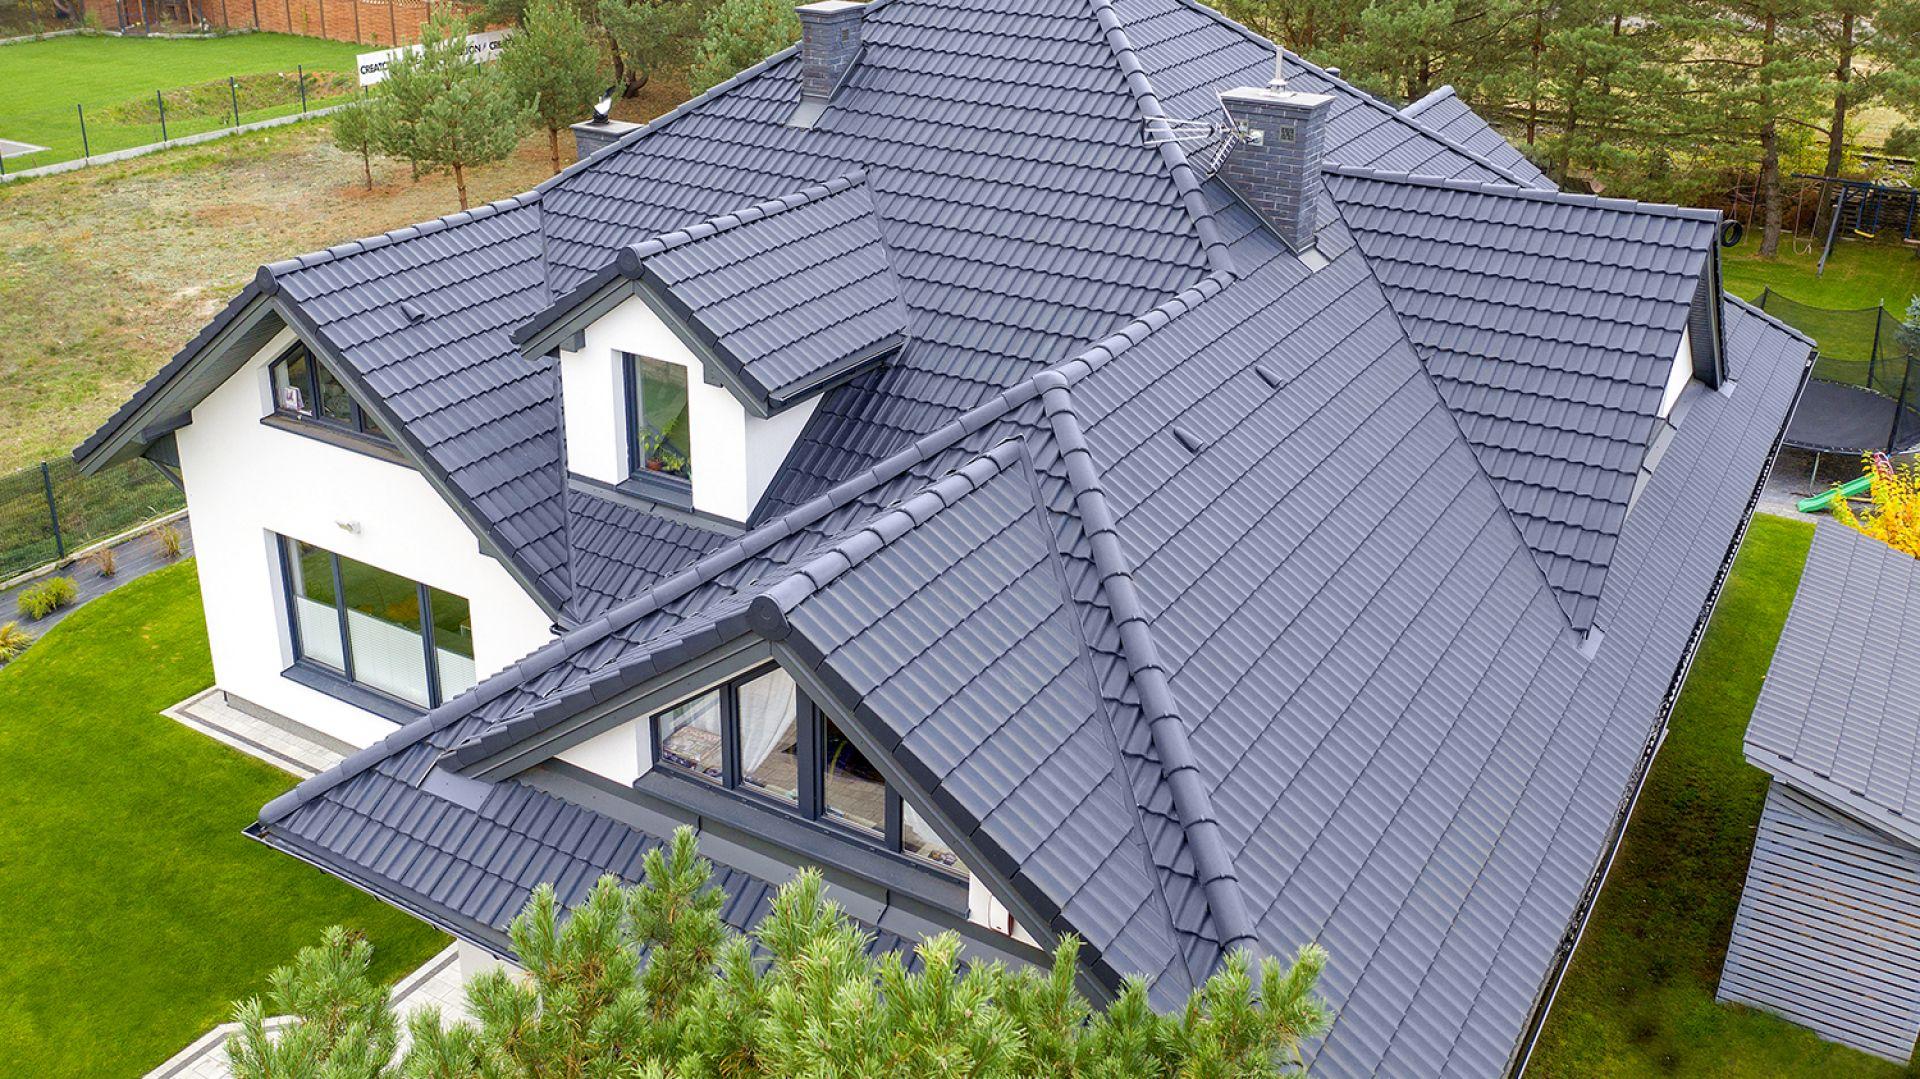 Którą dachówkę wybrać - ceramiczną czy cementową? Fot. Creaton